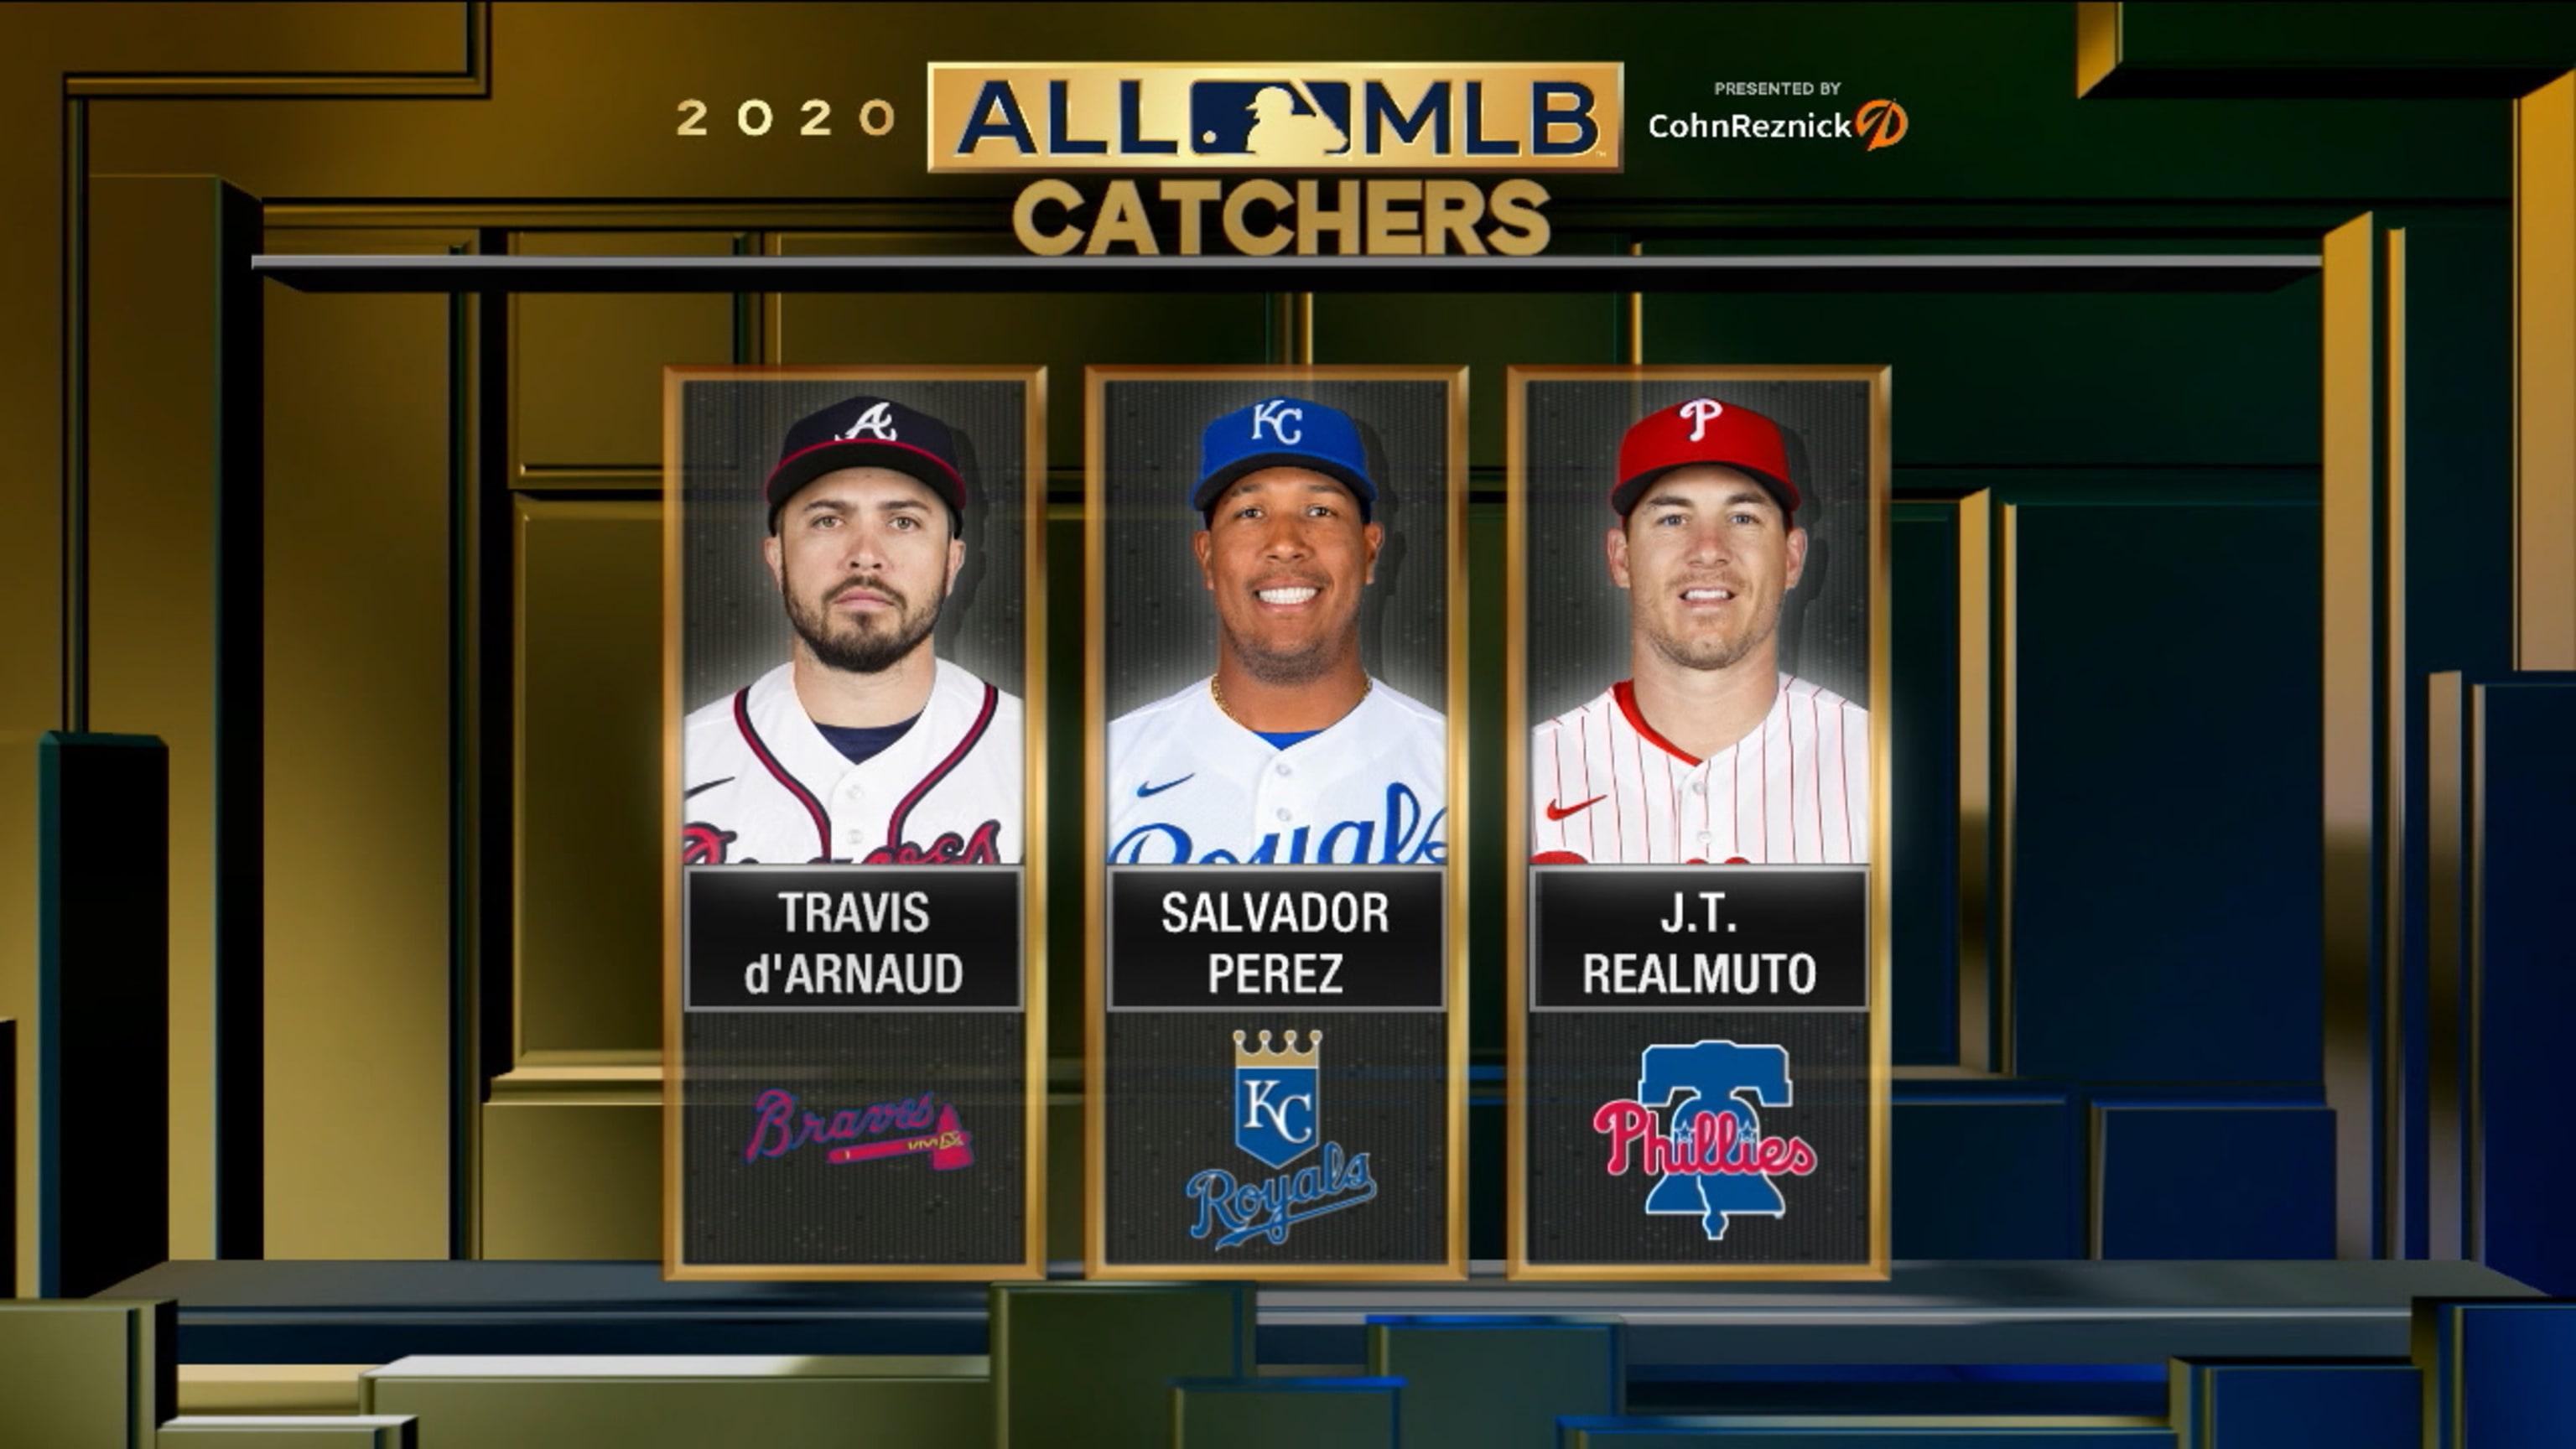 2020 All-MLB Team C finalists